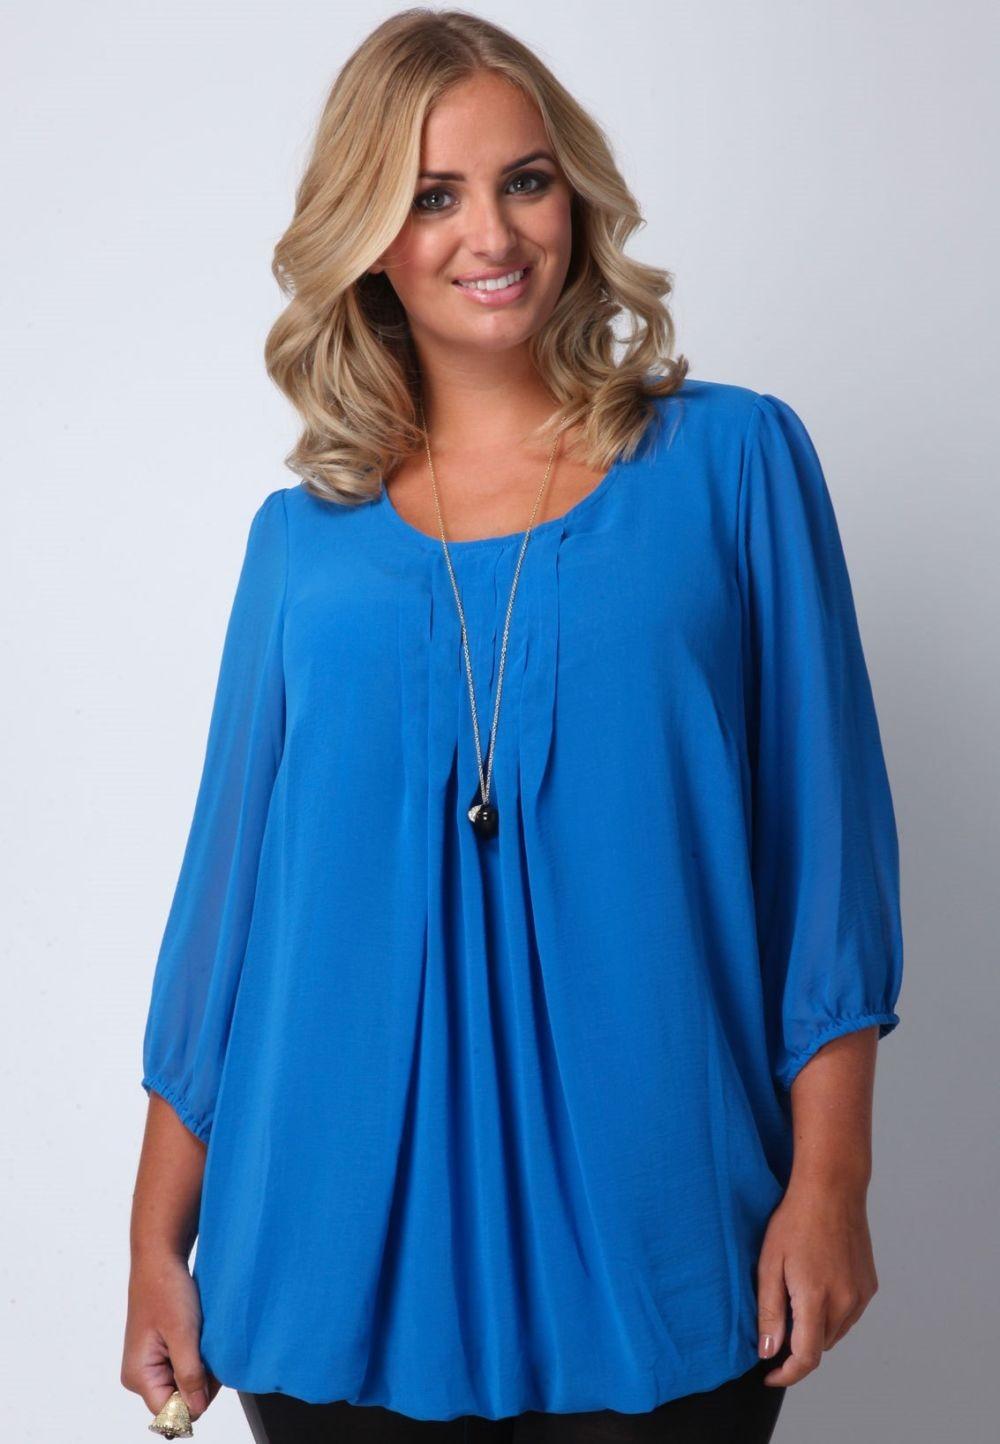 Мода для полных женщин 2018 фото за 40 лет: синяя блузка свободная